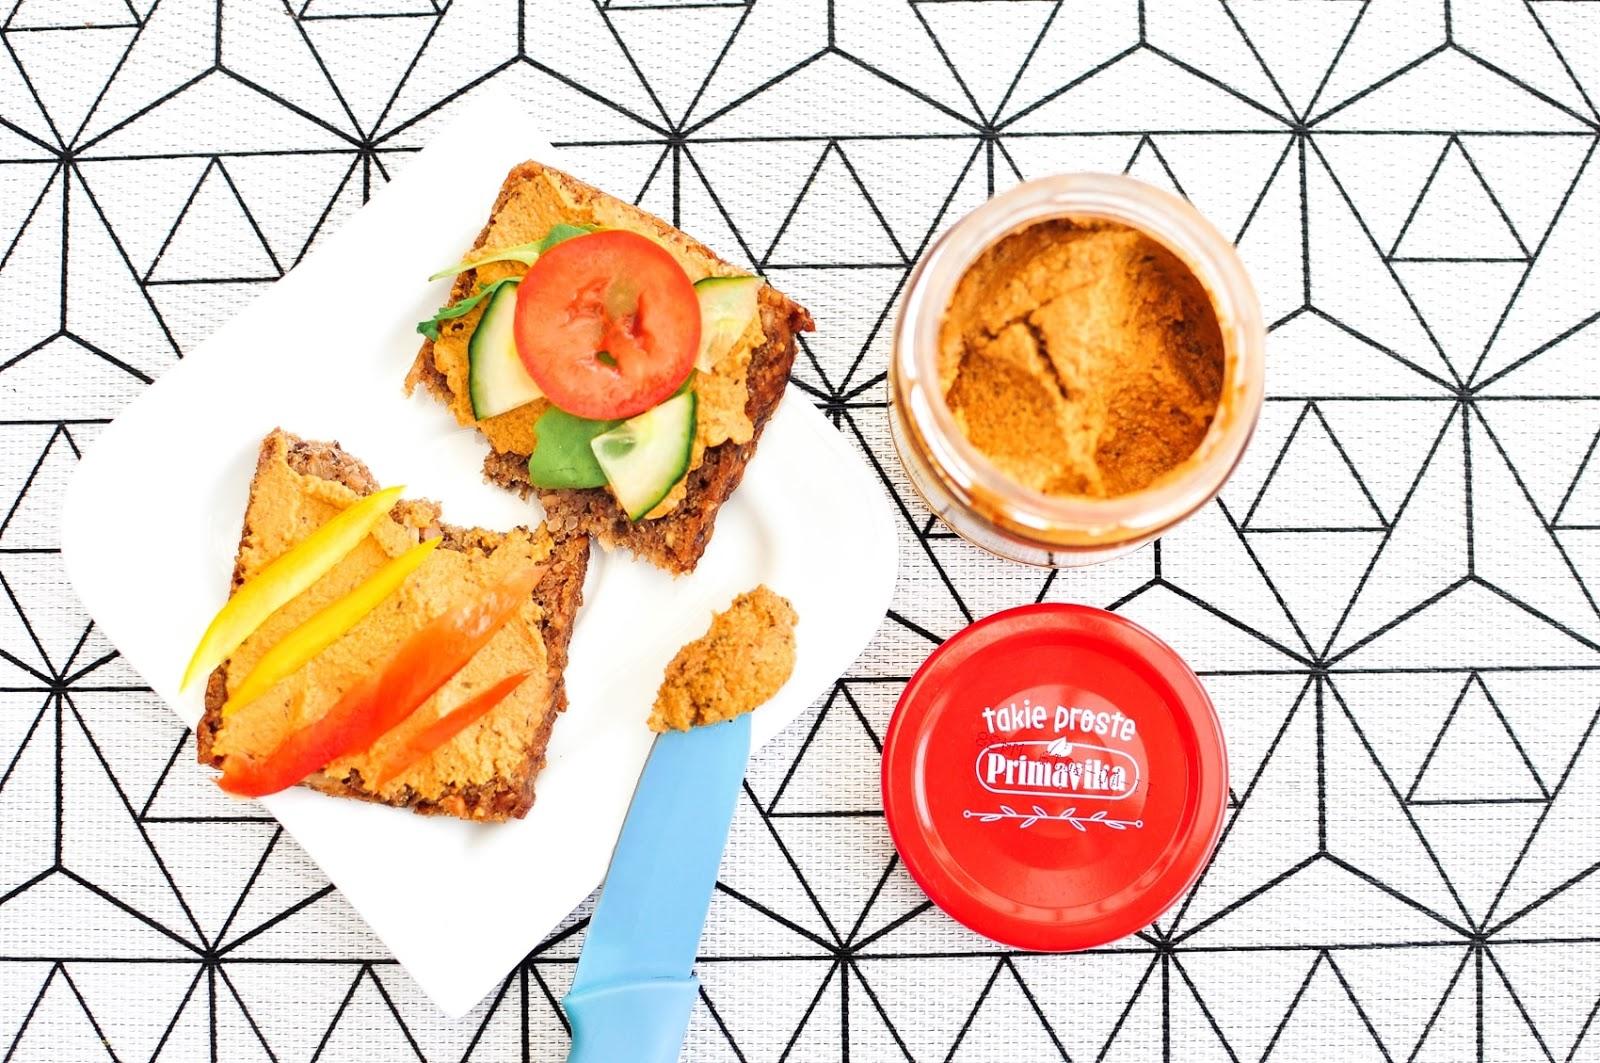 Zdrowo, smacznie i bez mięsa - produkty Primavika